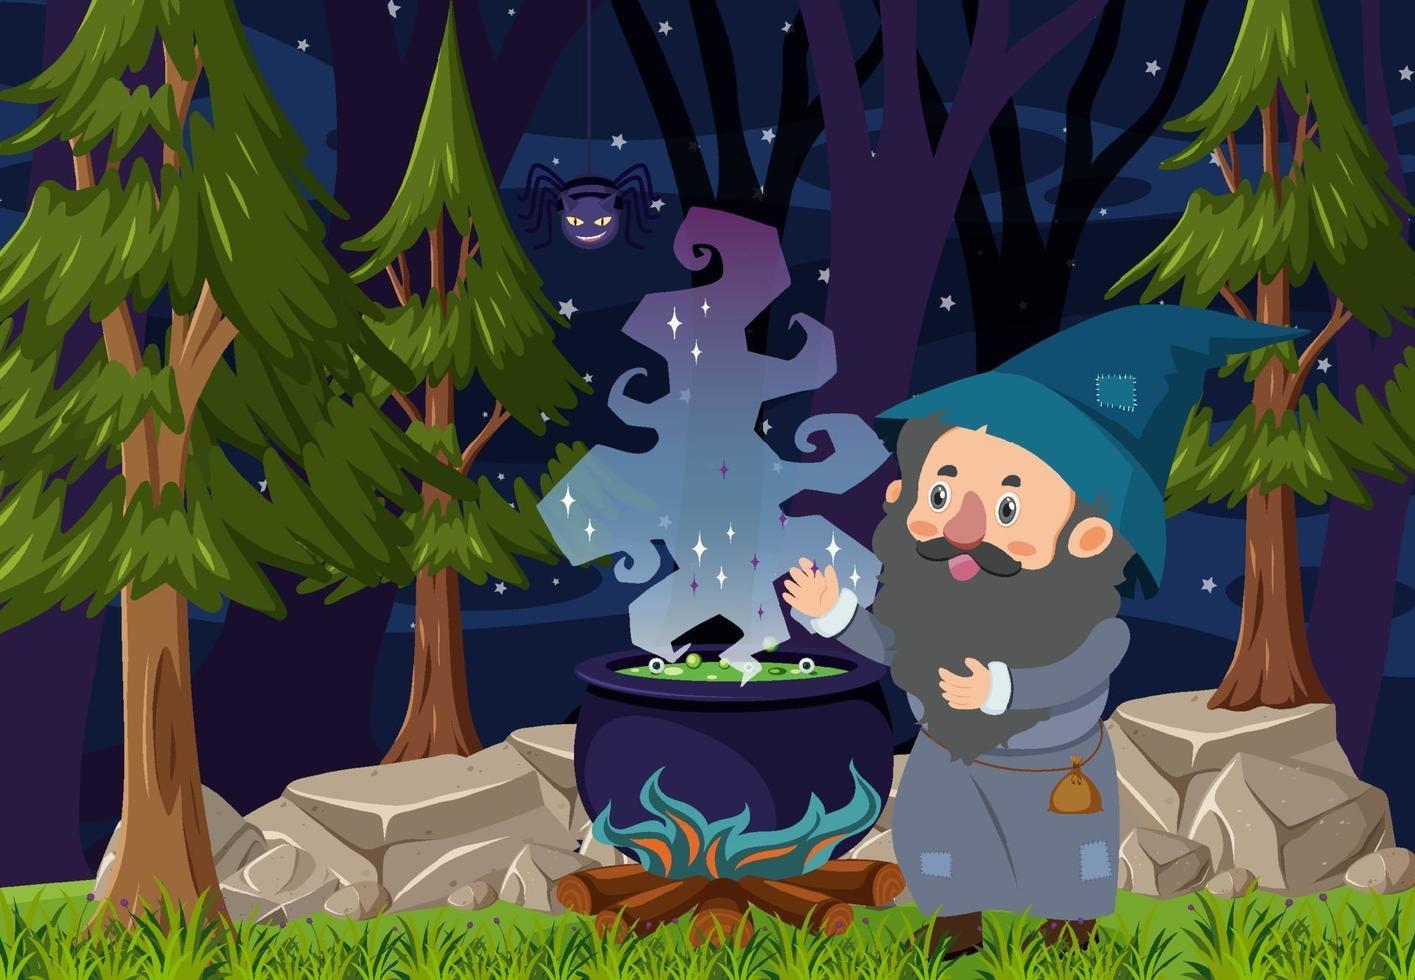 skog scen på natten med en trollkarl stavning med potion potten vektor